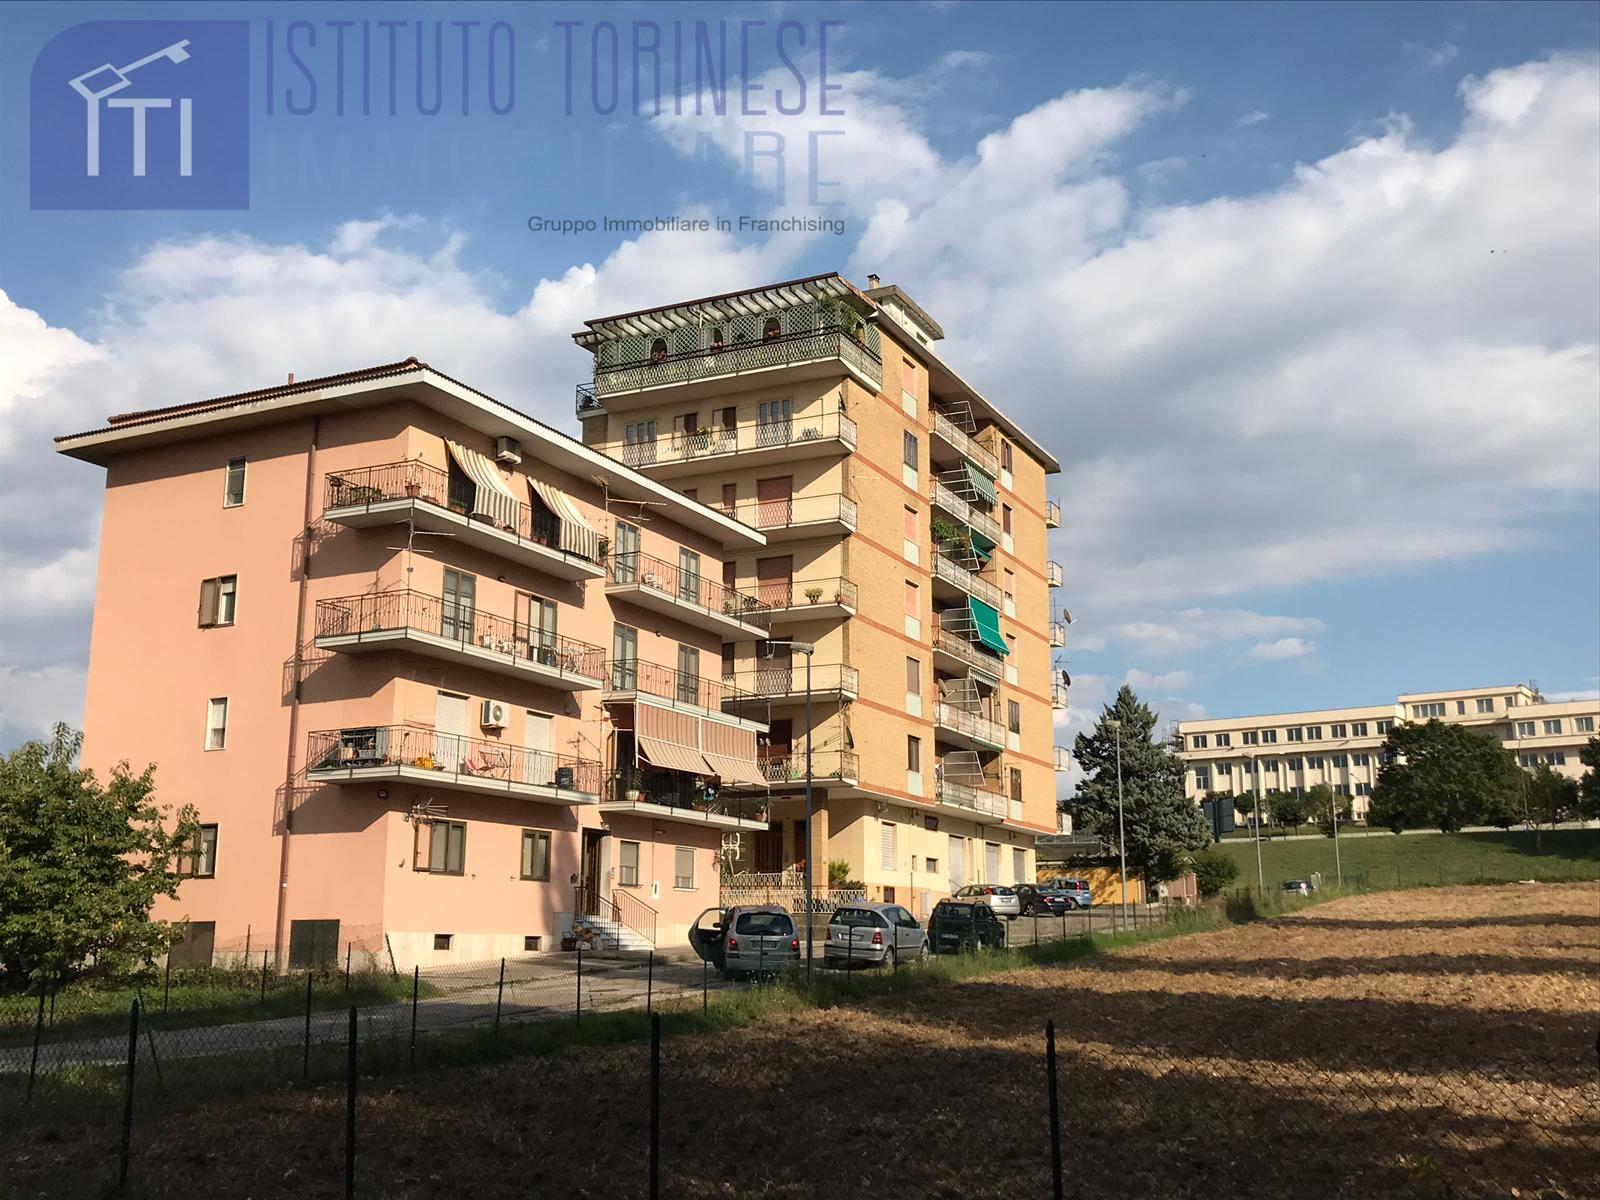 benevento vendita quart: mellusi/atlantici istituto-torinese-immobiliare